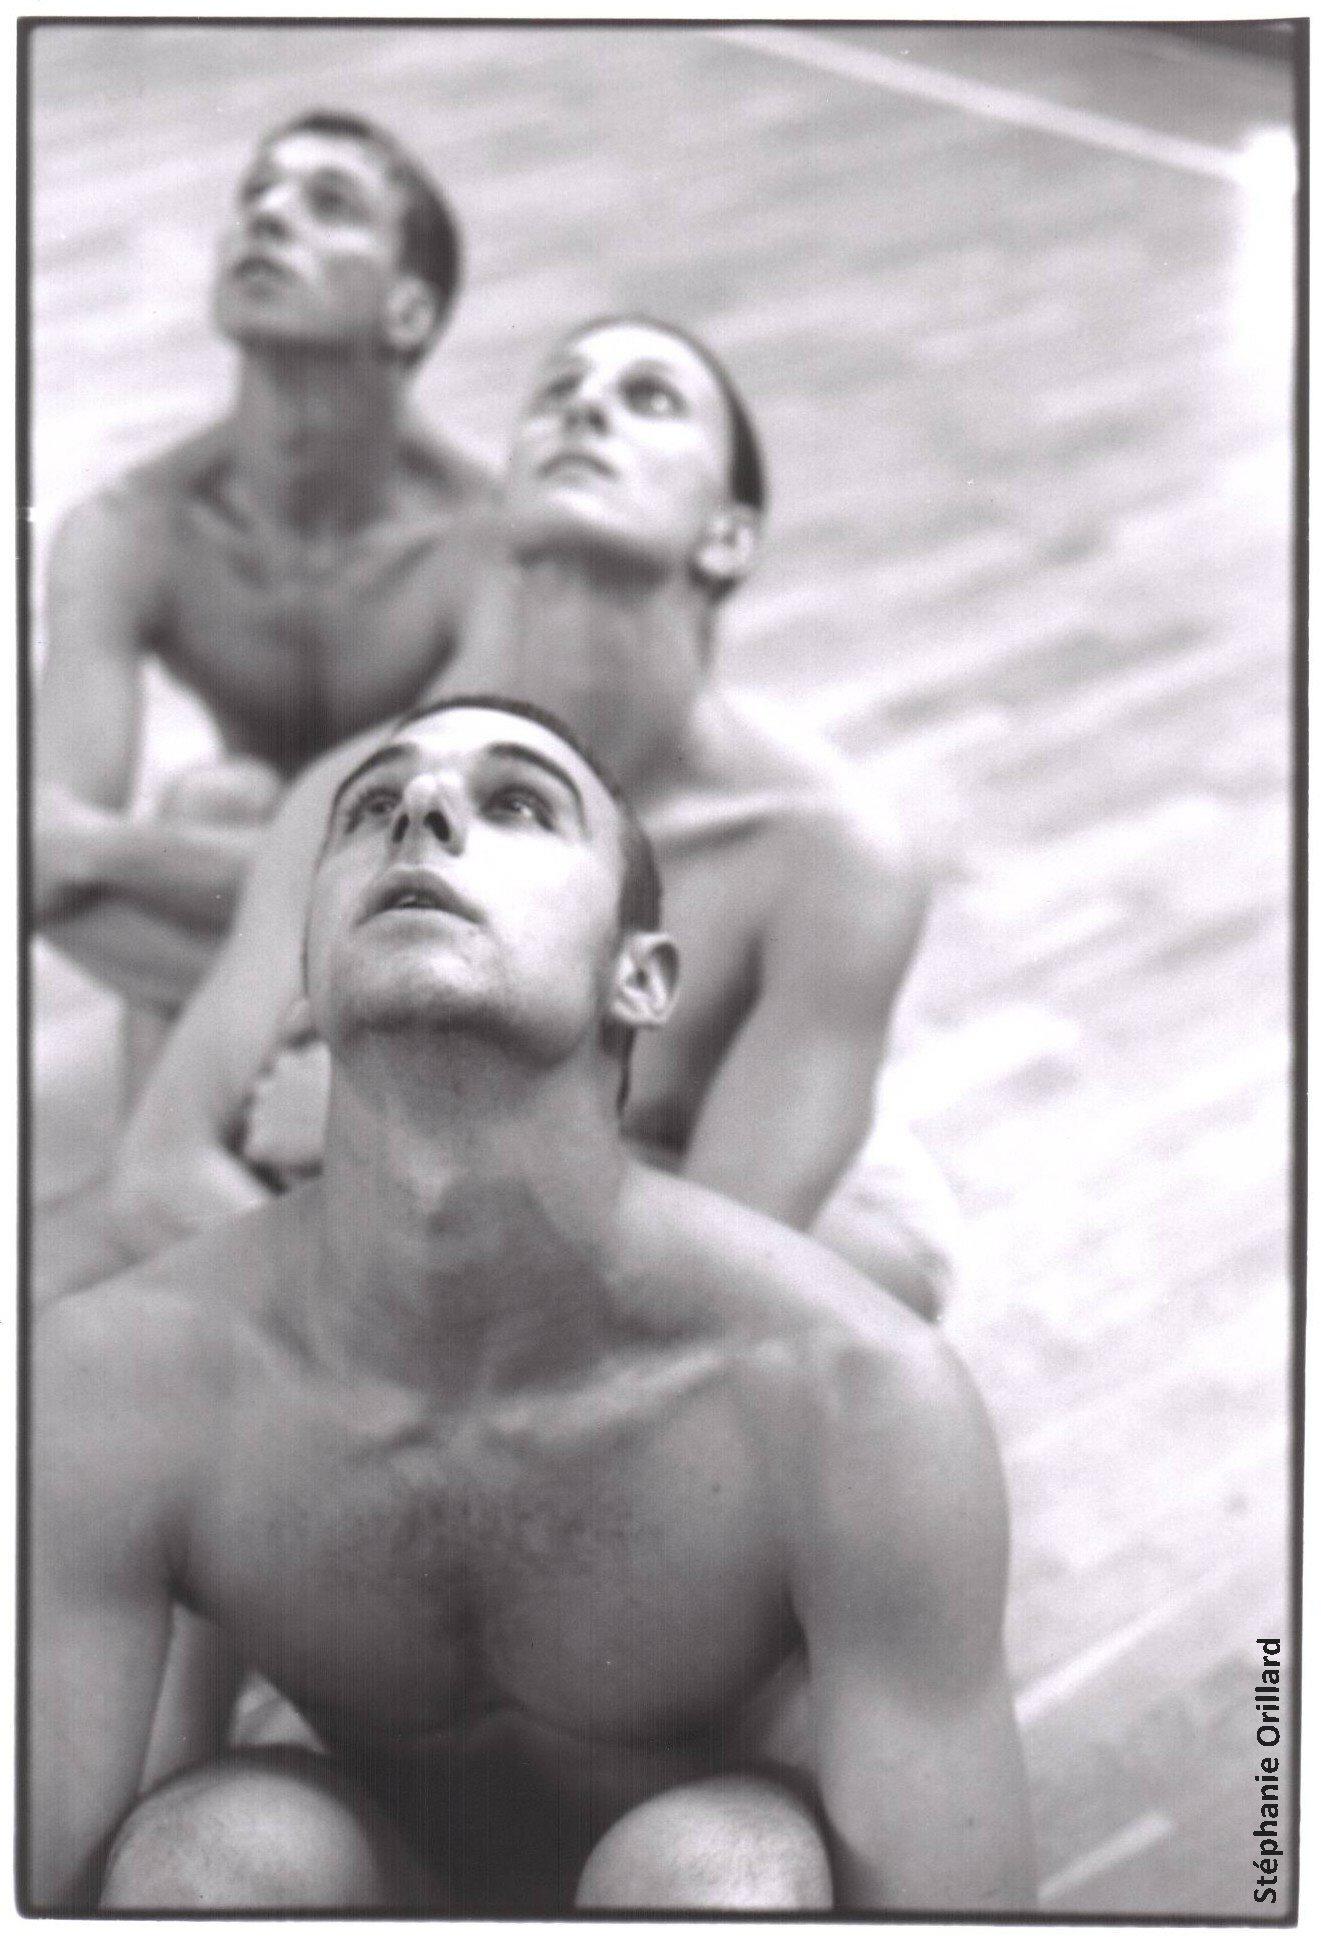 Les Discrets - Octobre 2003 ©Stephanie Orillard